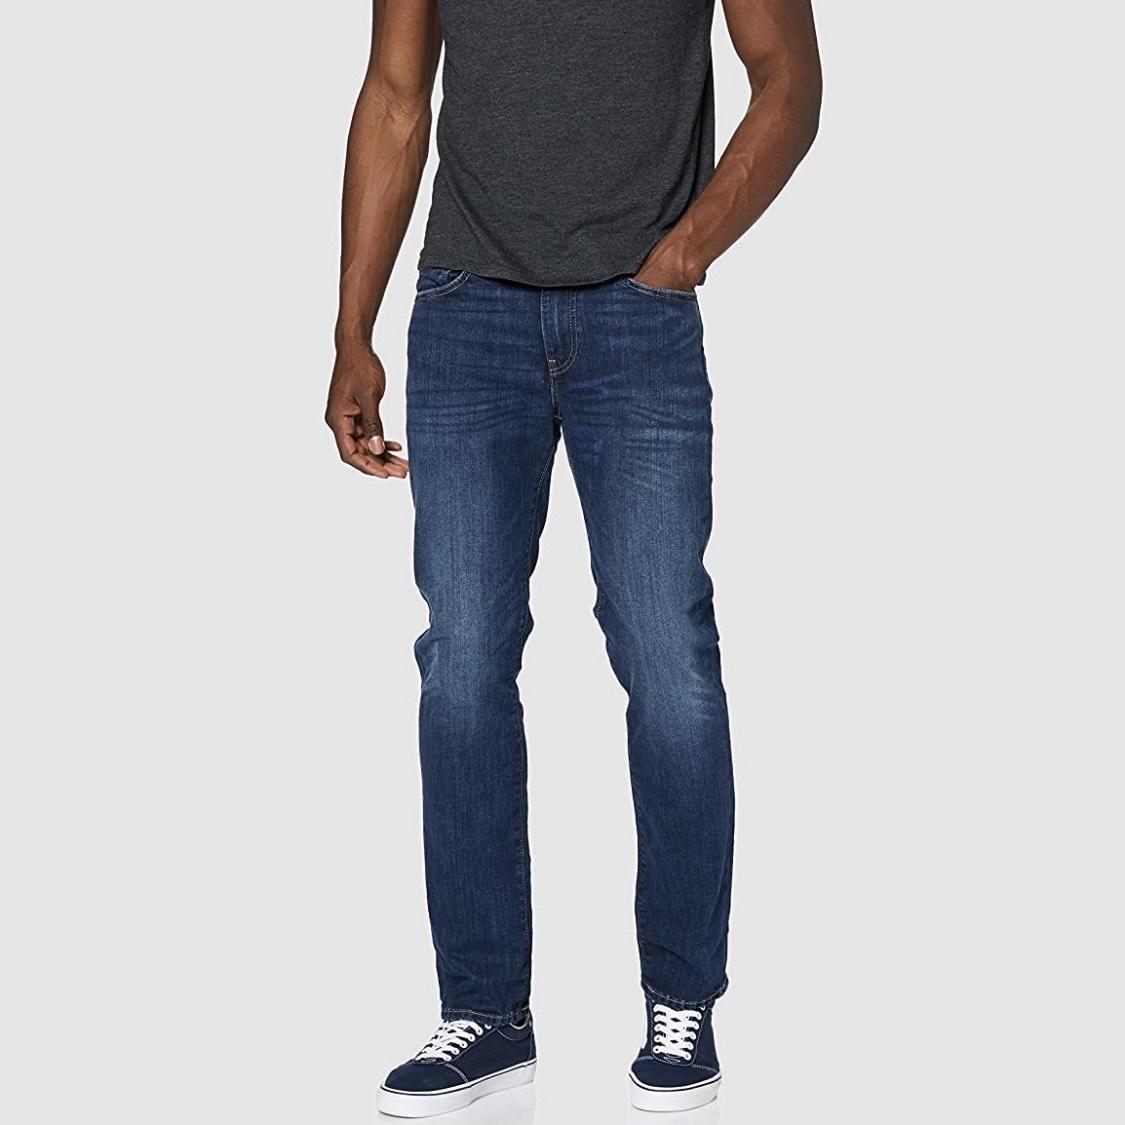 [Amazon] Levi's Herren 511 Slim Fit Jeans